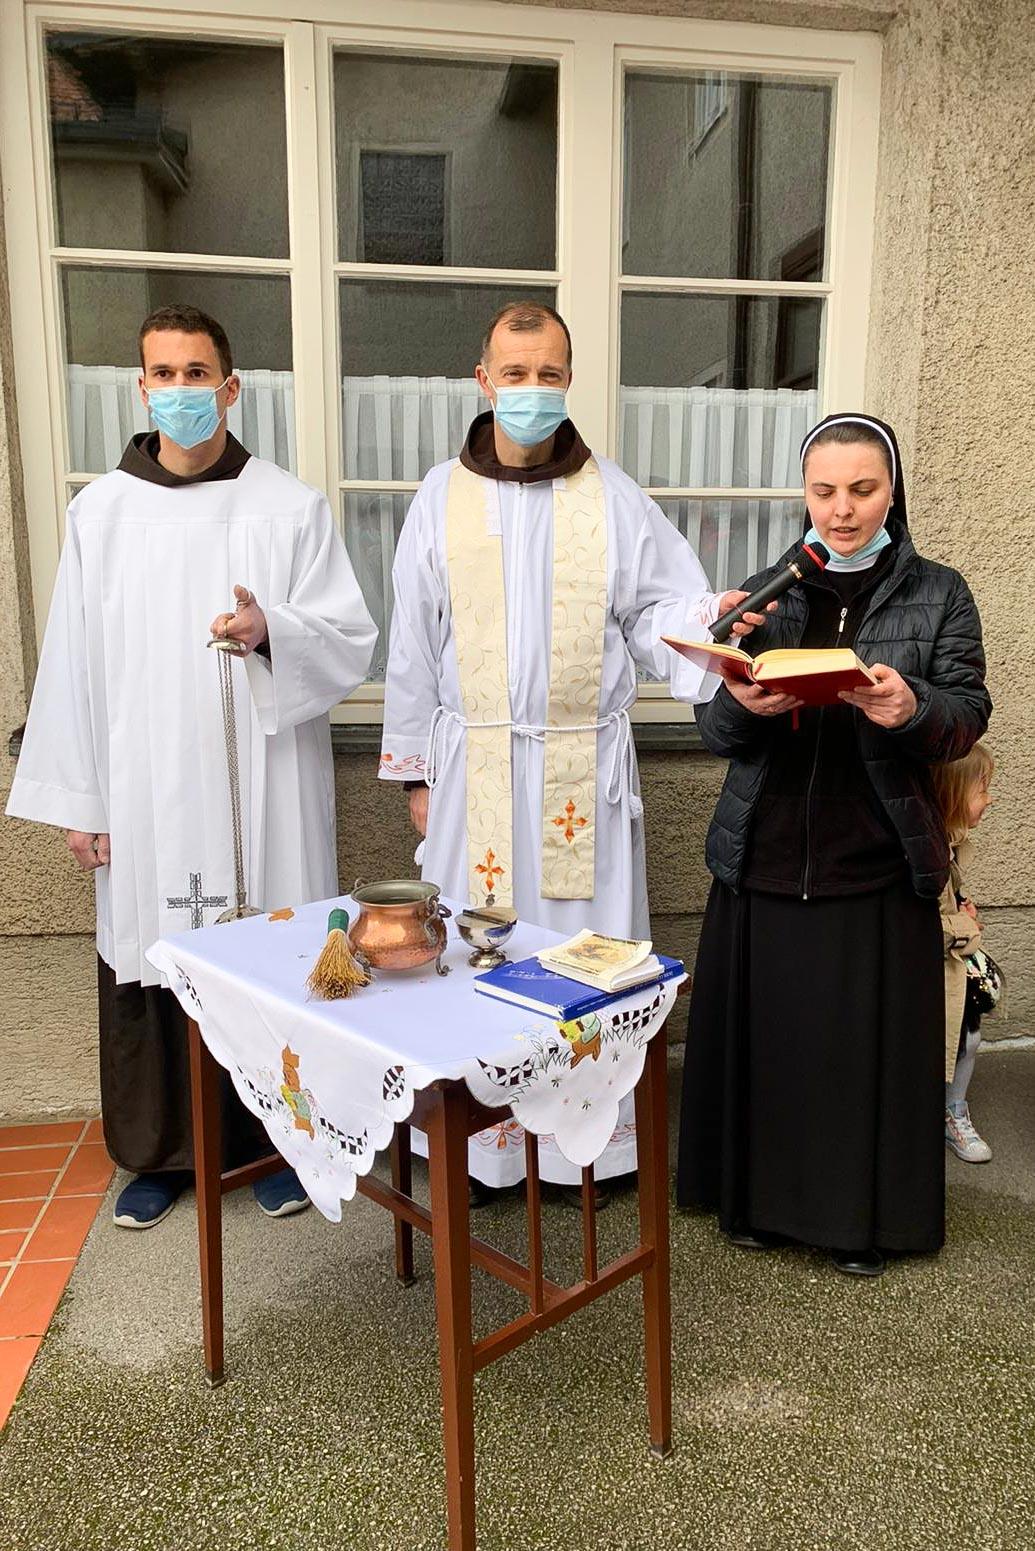 Spm-20210403-uskrsni-blagoslov-jela-u-samostanu-sv-ivana-krstitelja-u-samoboru-004